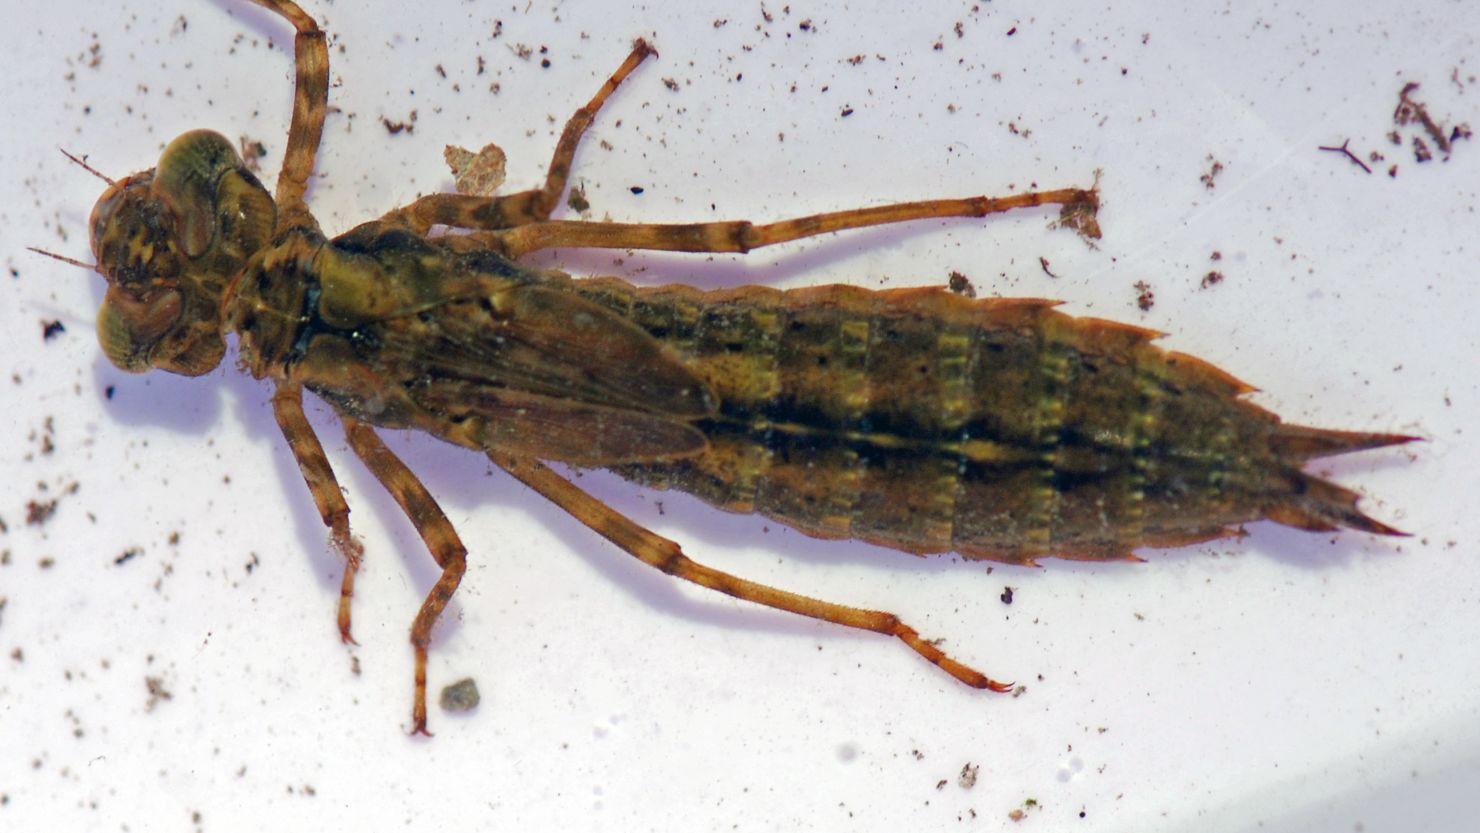 A dragonfly larvae specimen